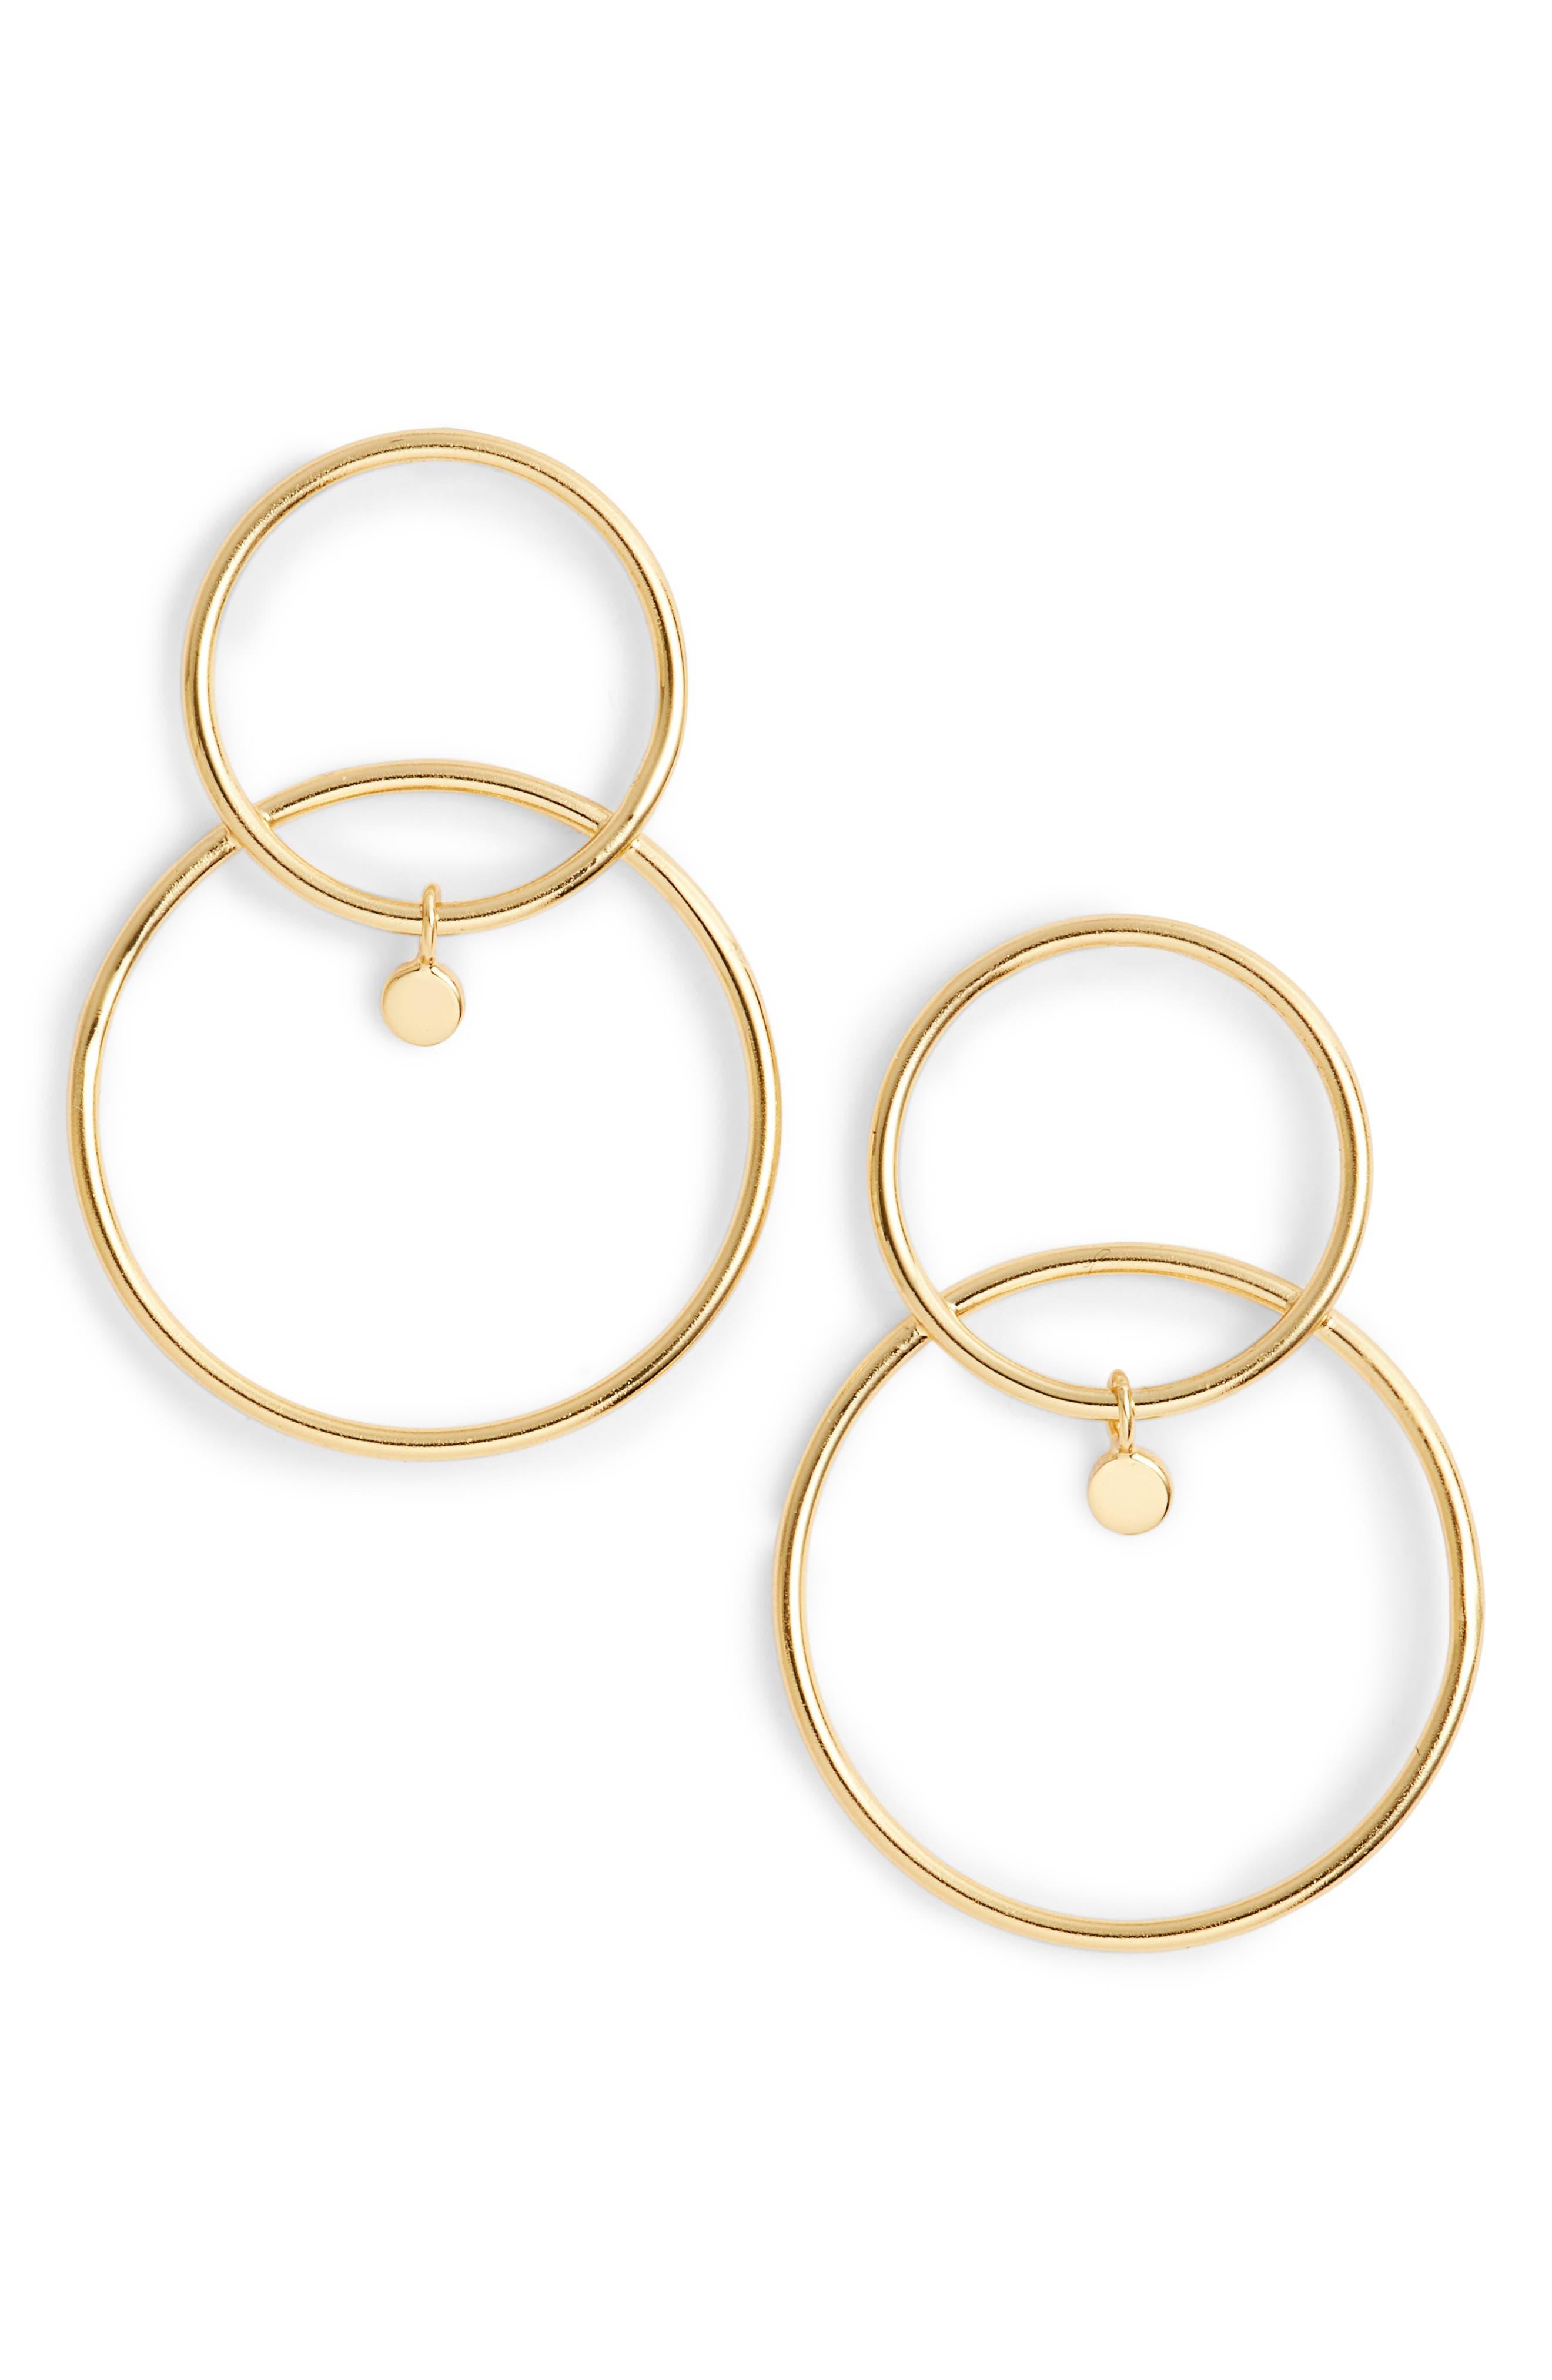 Argento Vivo Double Open Ring Drop Earrings